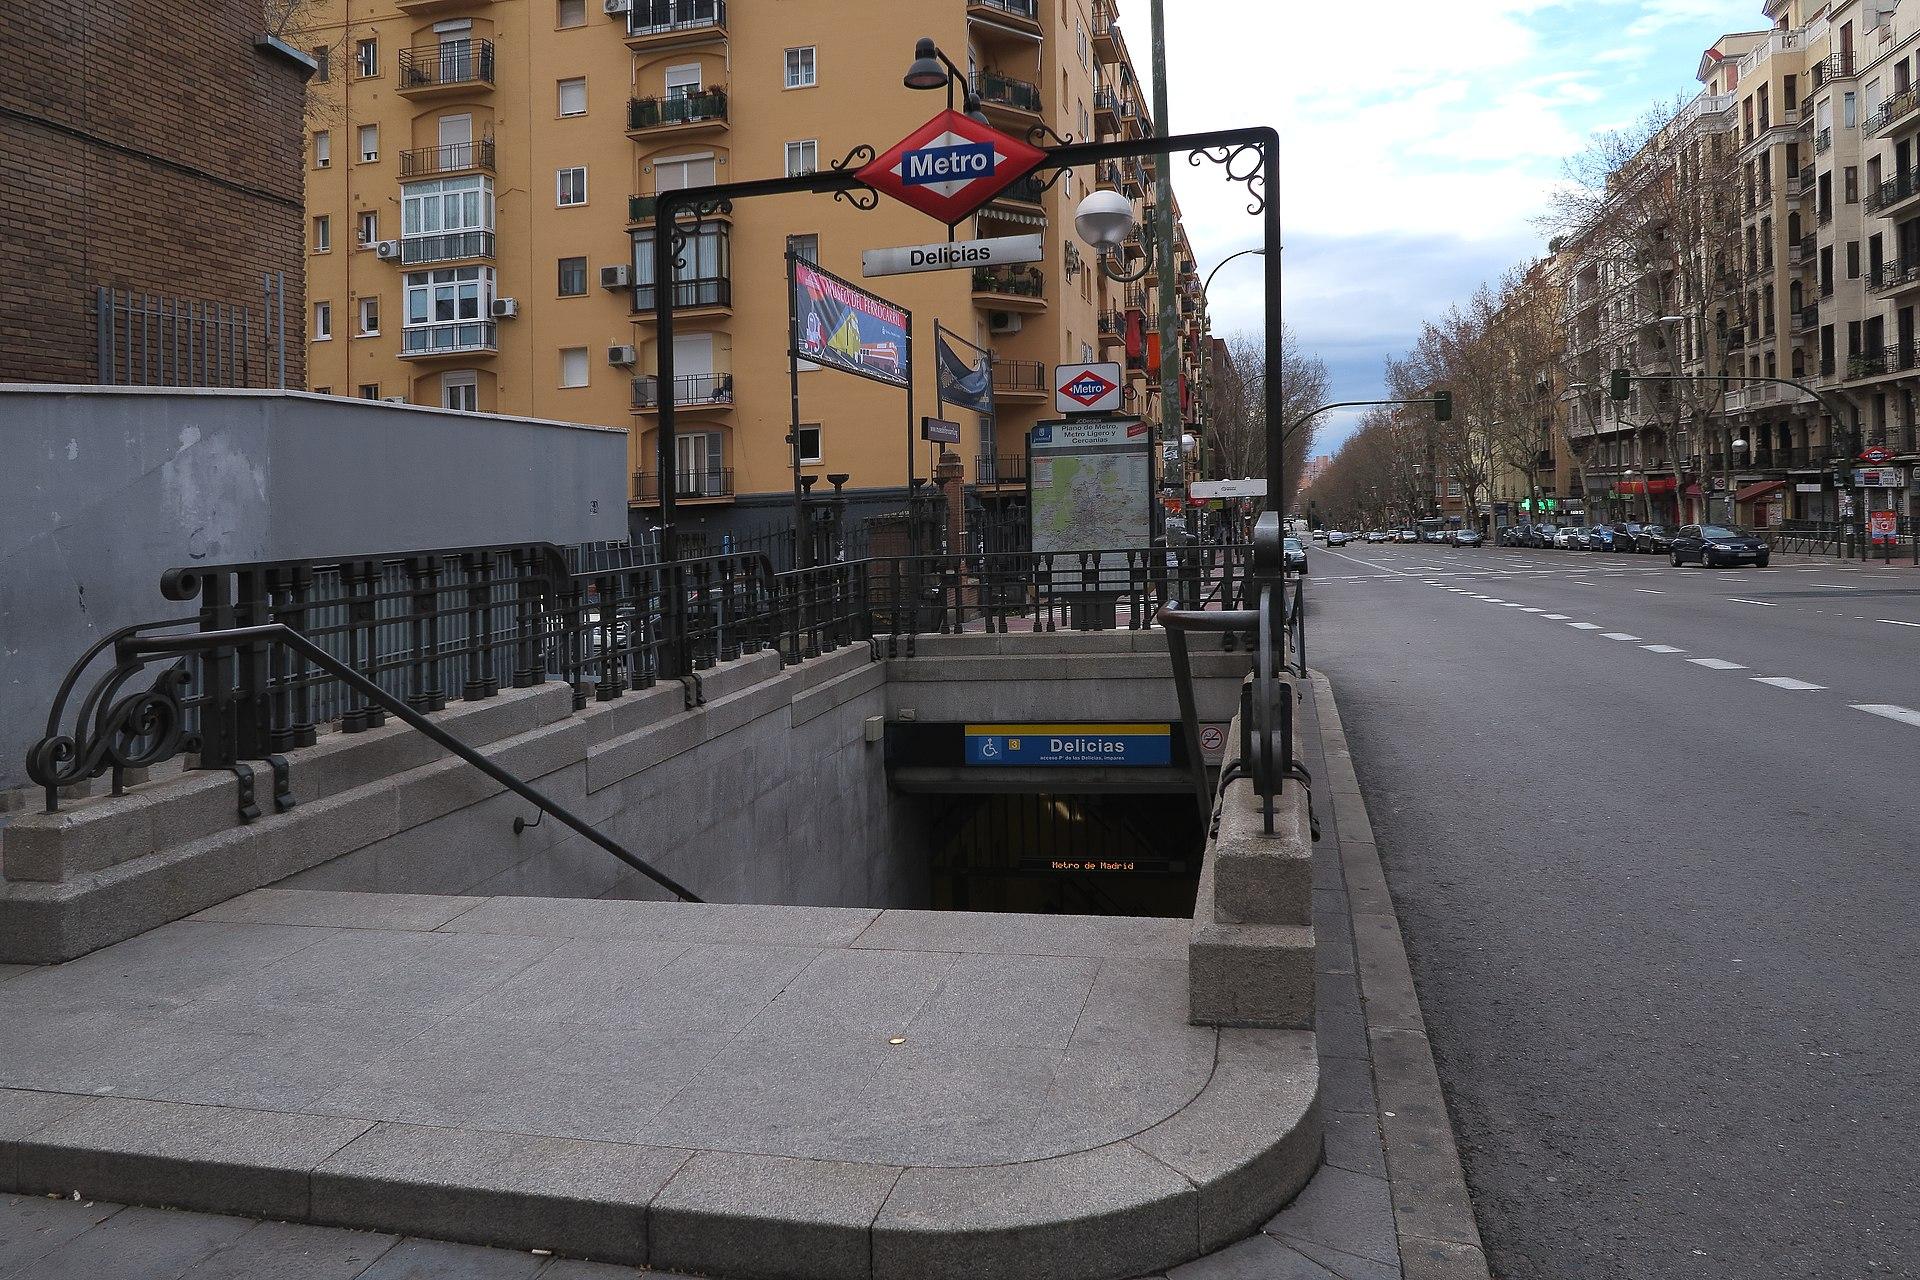 Estaci n de delicias metro de madrid wikipedia la for Pisos en delicias madrid